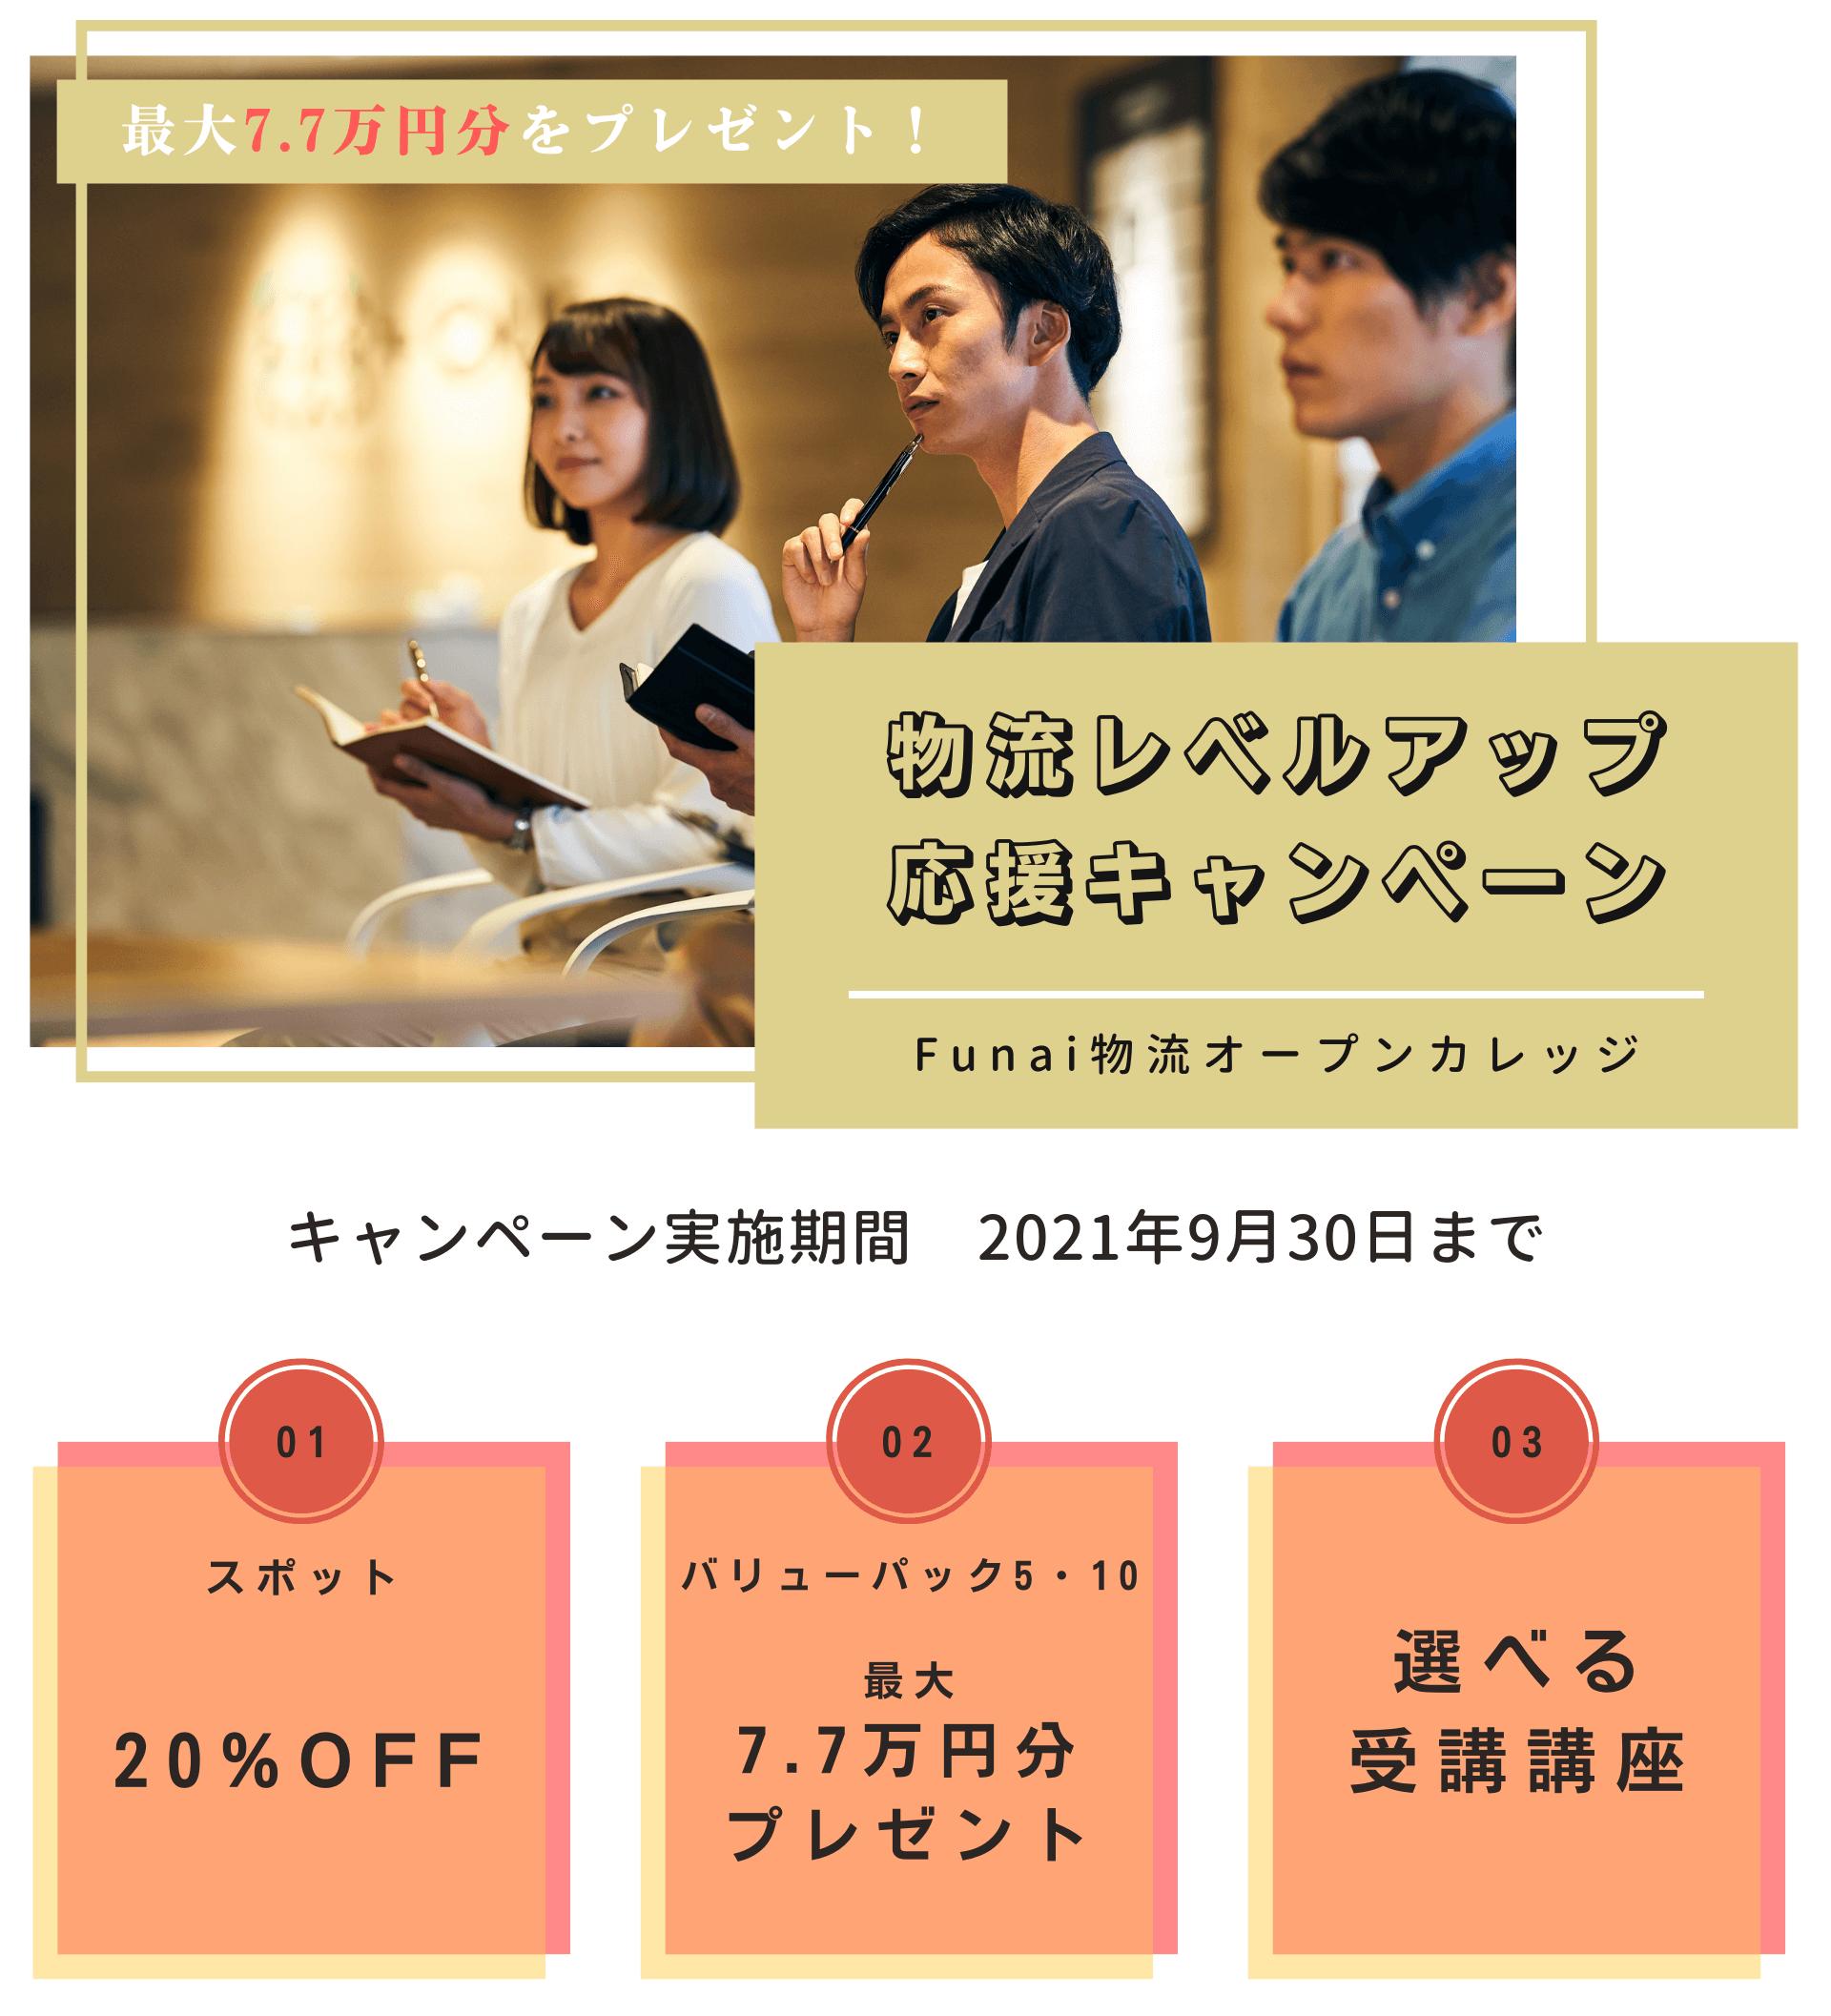 2021年物流レベルアップ応援キャンペーン(Funai物流オープンカレッジ)